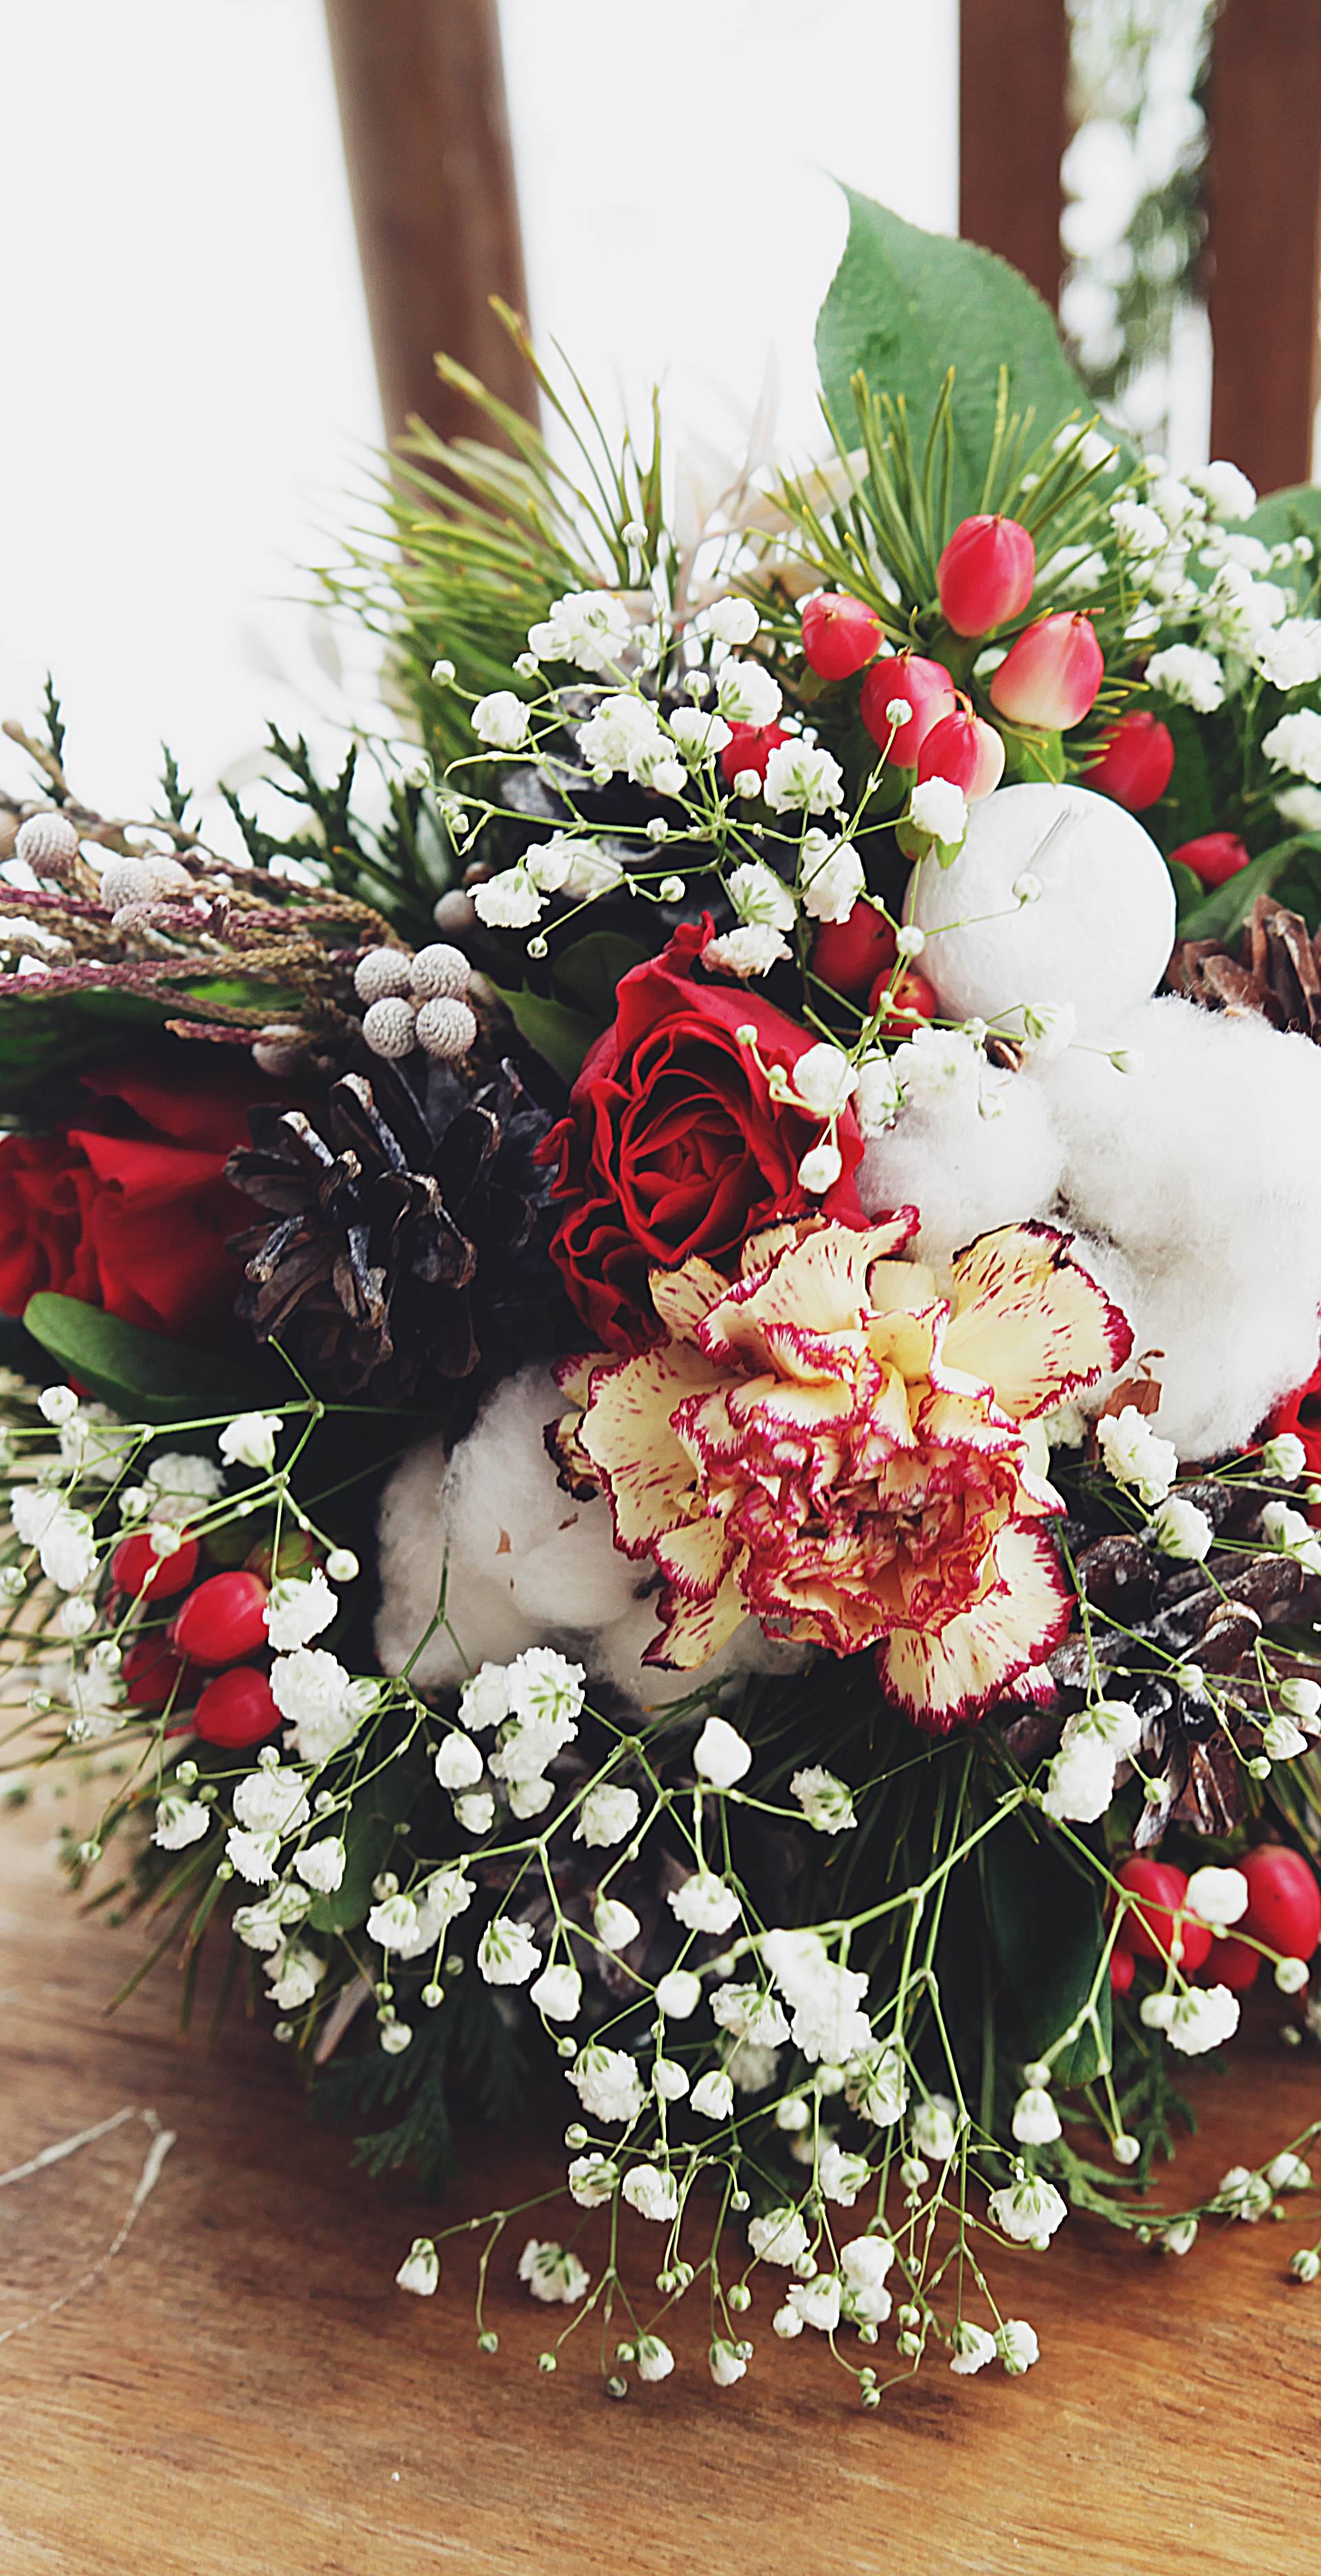 Pet savjeta uz koje će baš svi hvaliti vaše cvjetne aranžmane